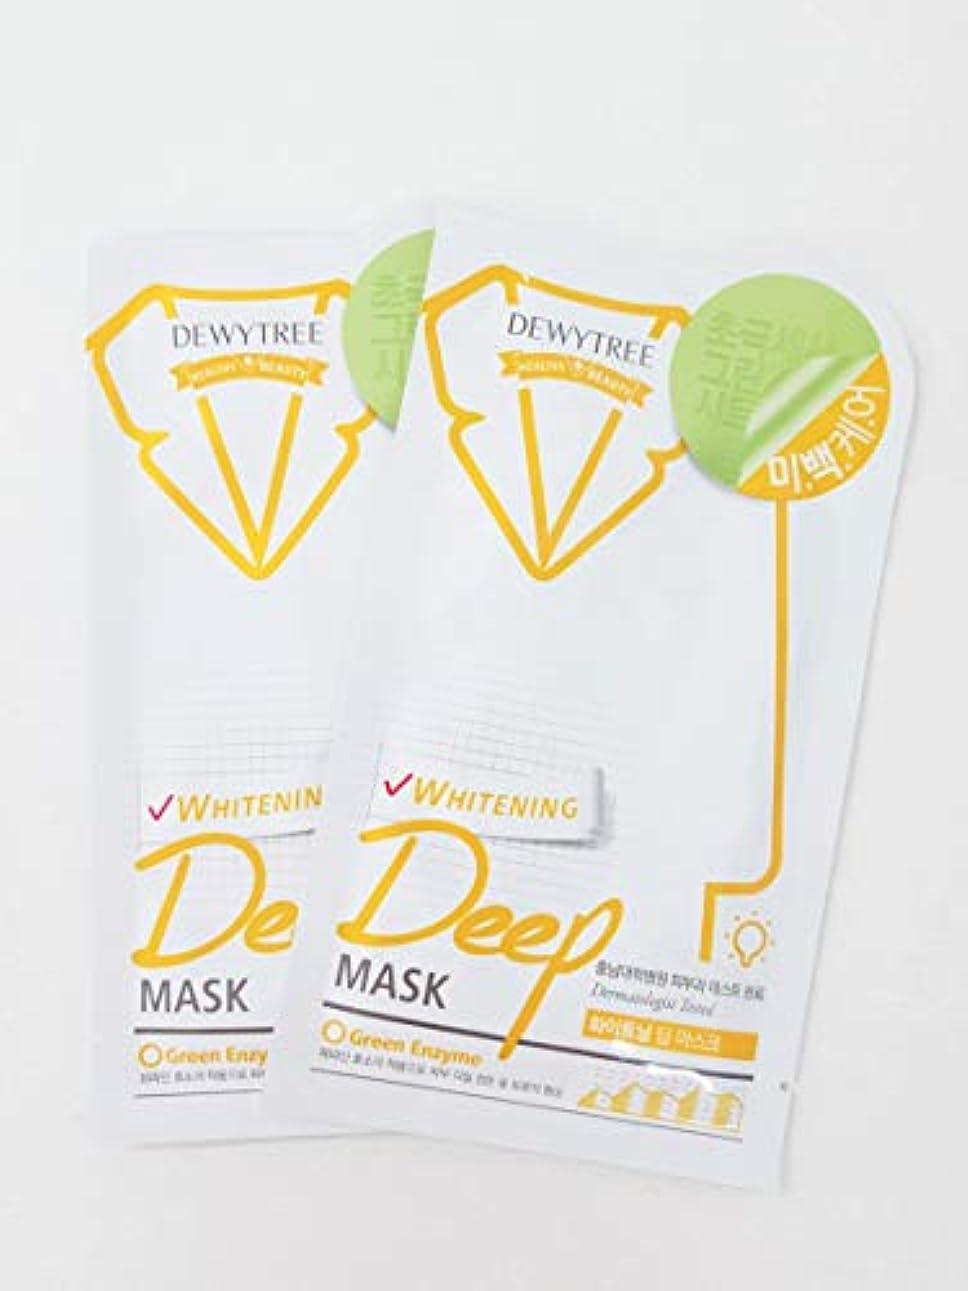 ラベンダー薄いです楽観的(デューイトゥリー) DEWYTREE ホワイトニングディープマスク 20枚 Whitening Deep Mask 韓国マスクパック (並行輸入品)